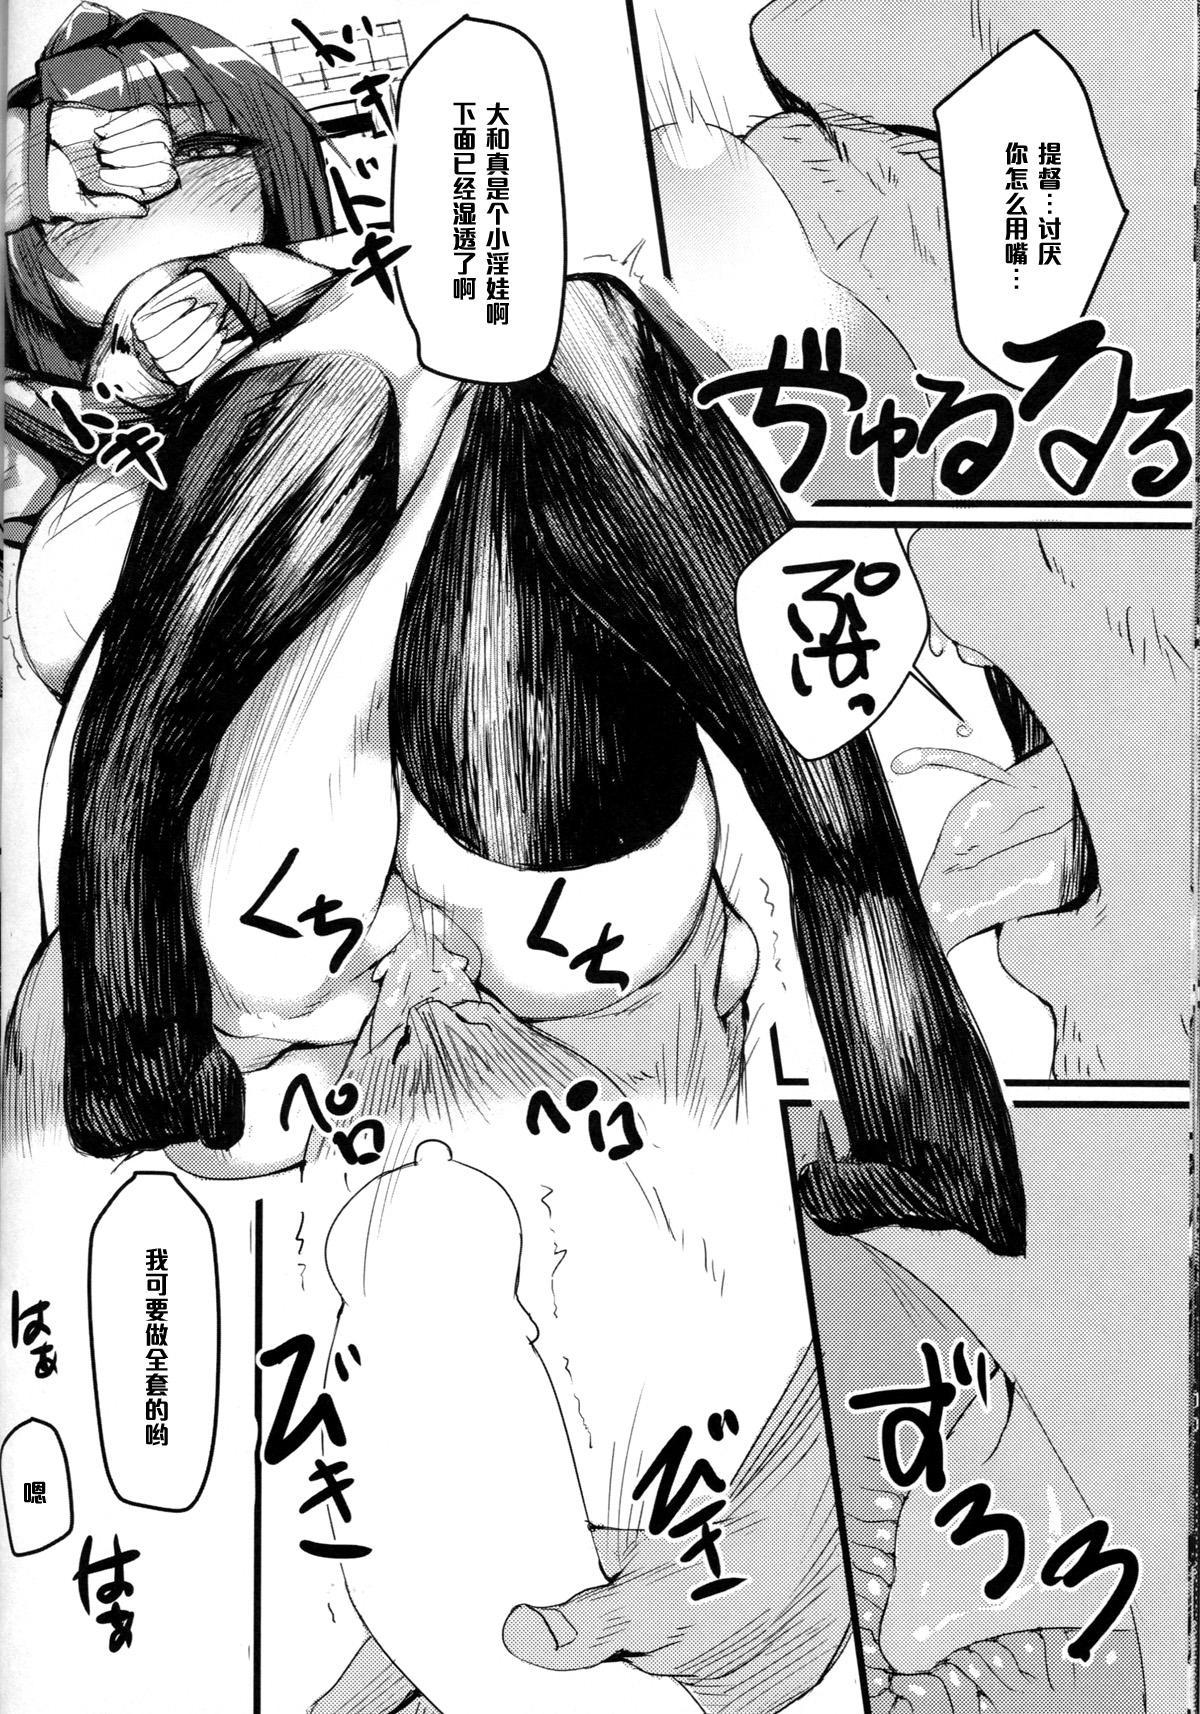 """Yamato-gata, """"Yasen"""" no Susume 12"""